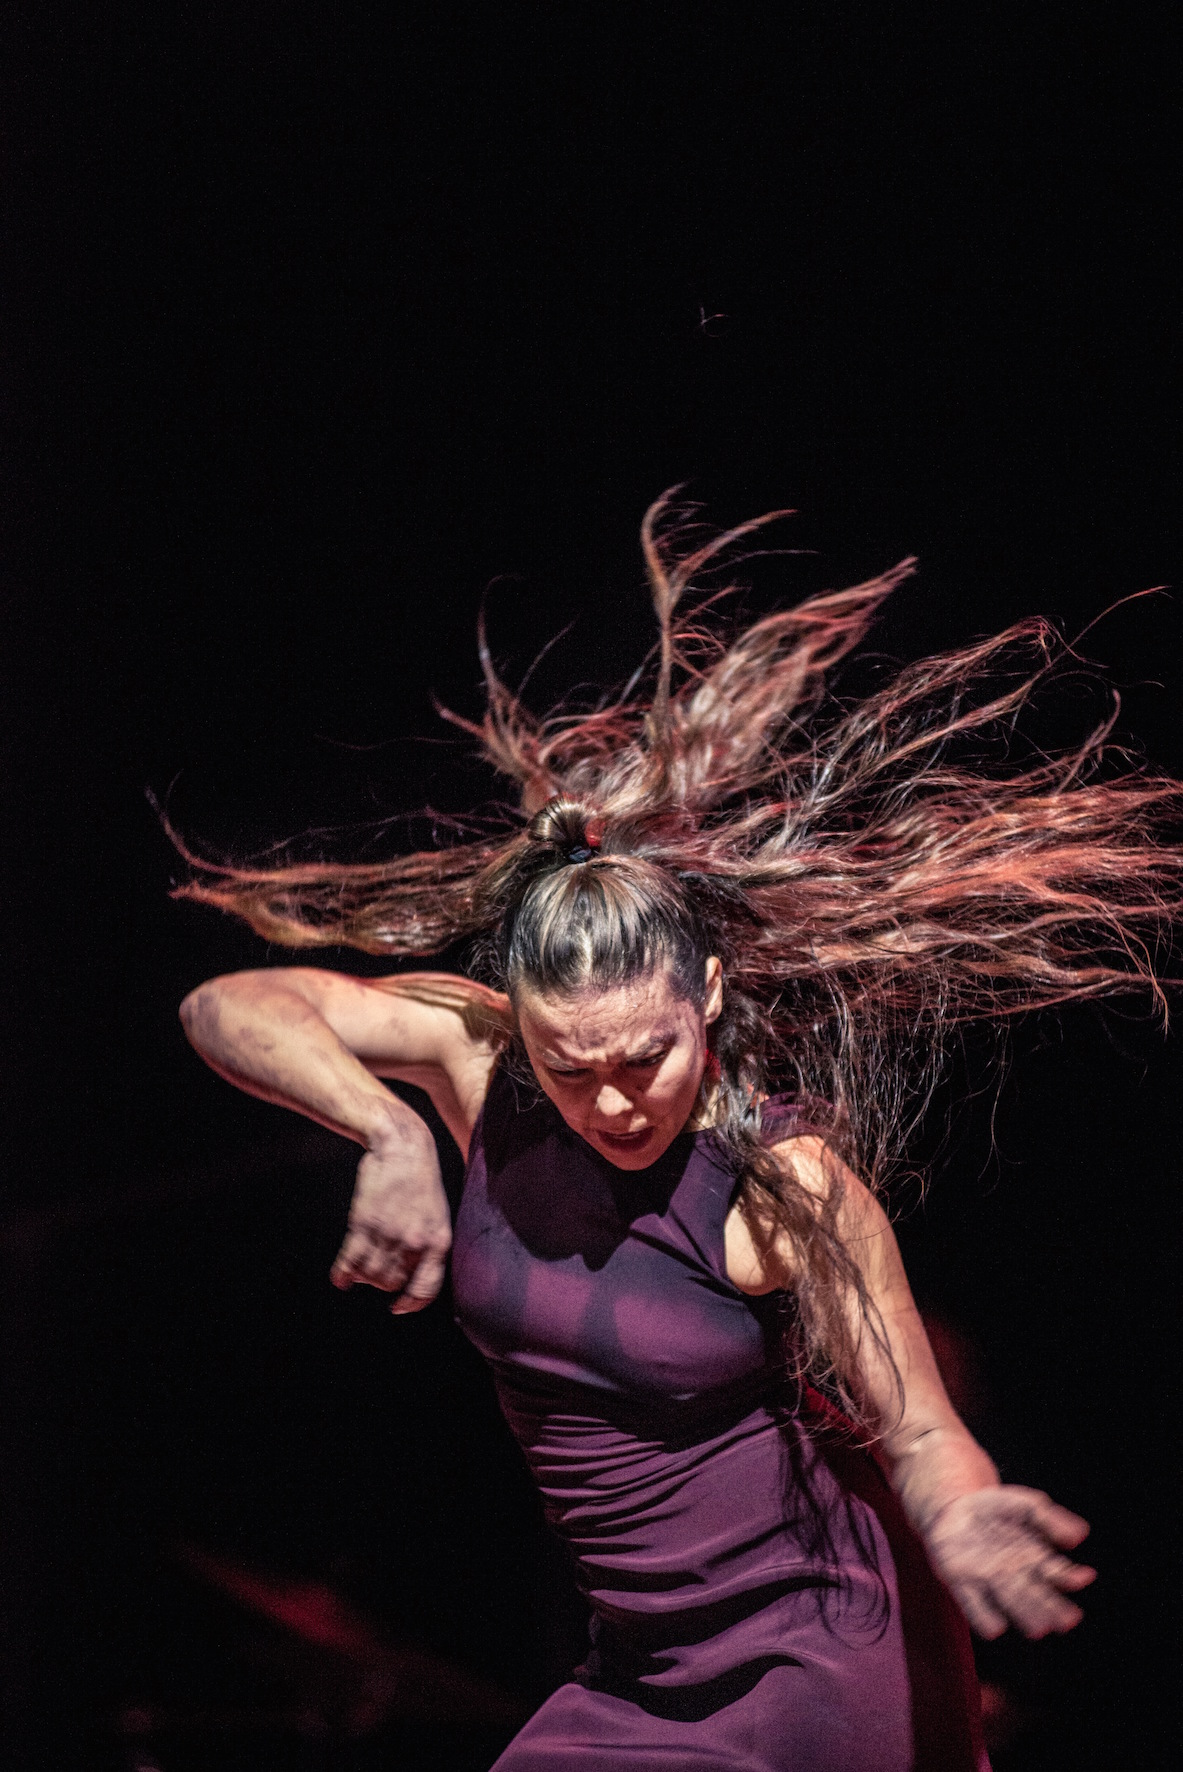 A giugno si balla flamenco con il flamenco festival cosmopeoplecosmopeople un mondo di - La finestra sul cielo mottola ...